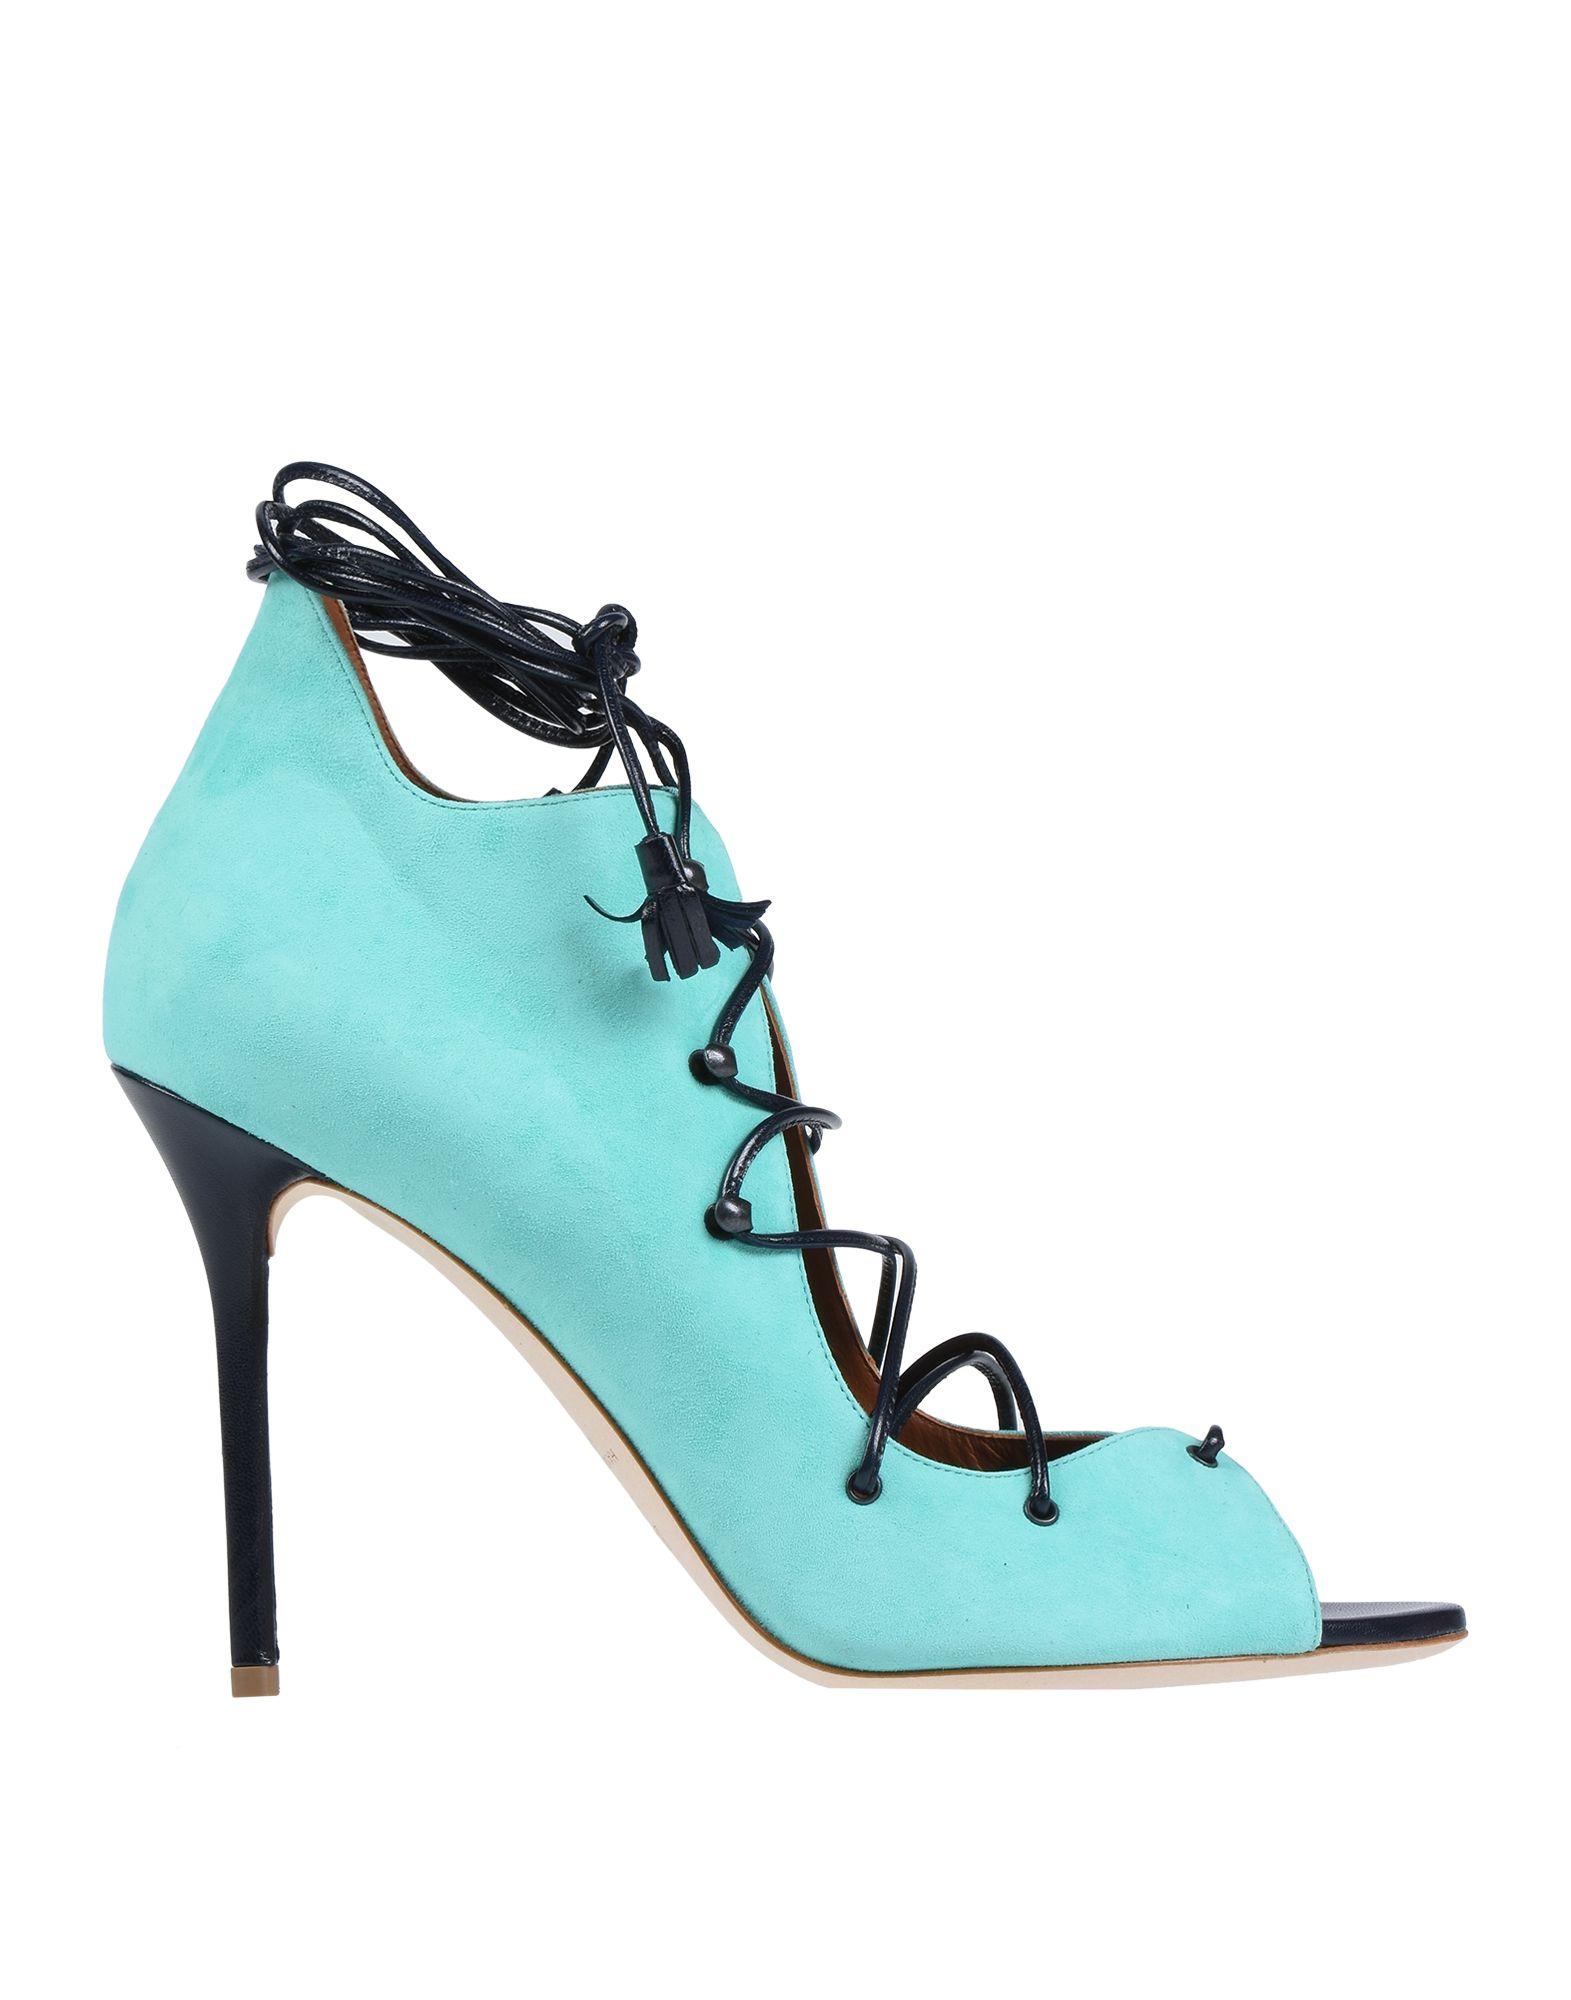 malone souliers sandales - souliers femmes malone souliers - sandales en ligne le royaume - uni - 11453311bg cb7613